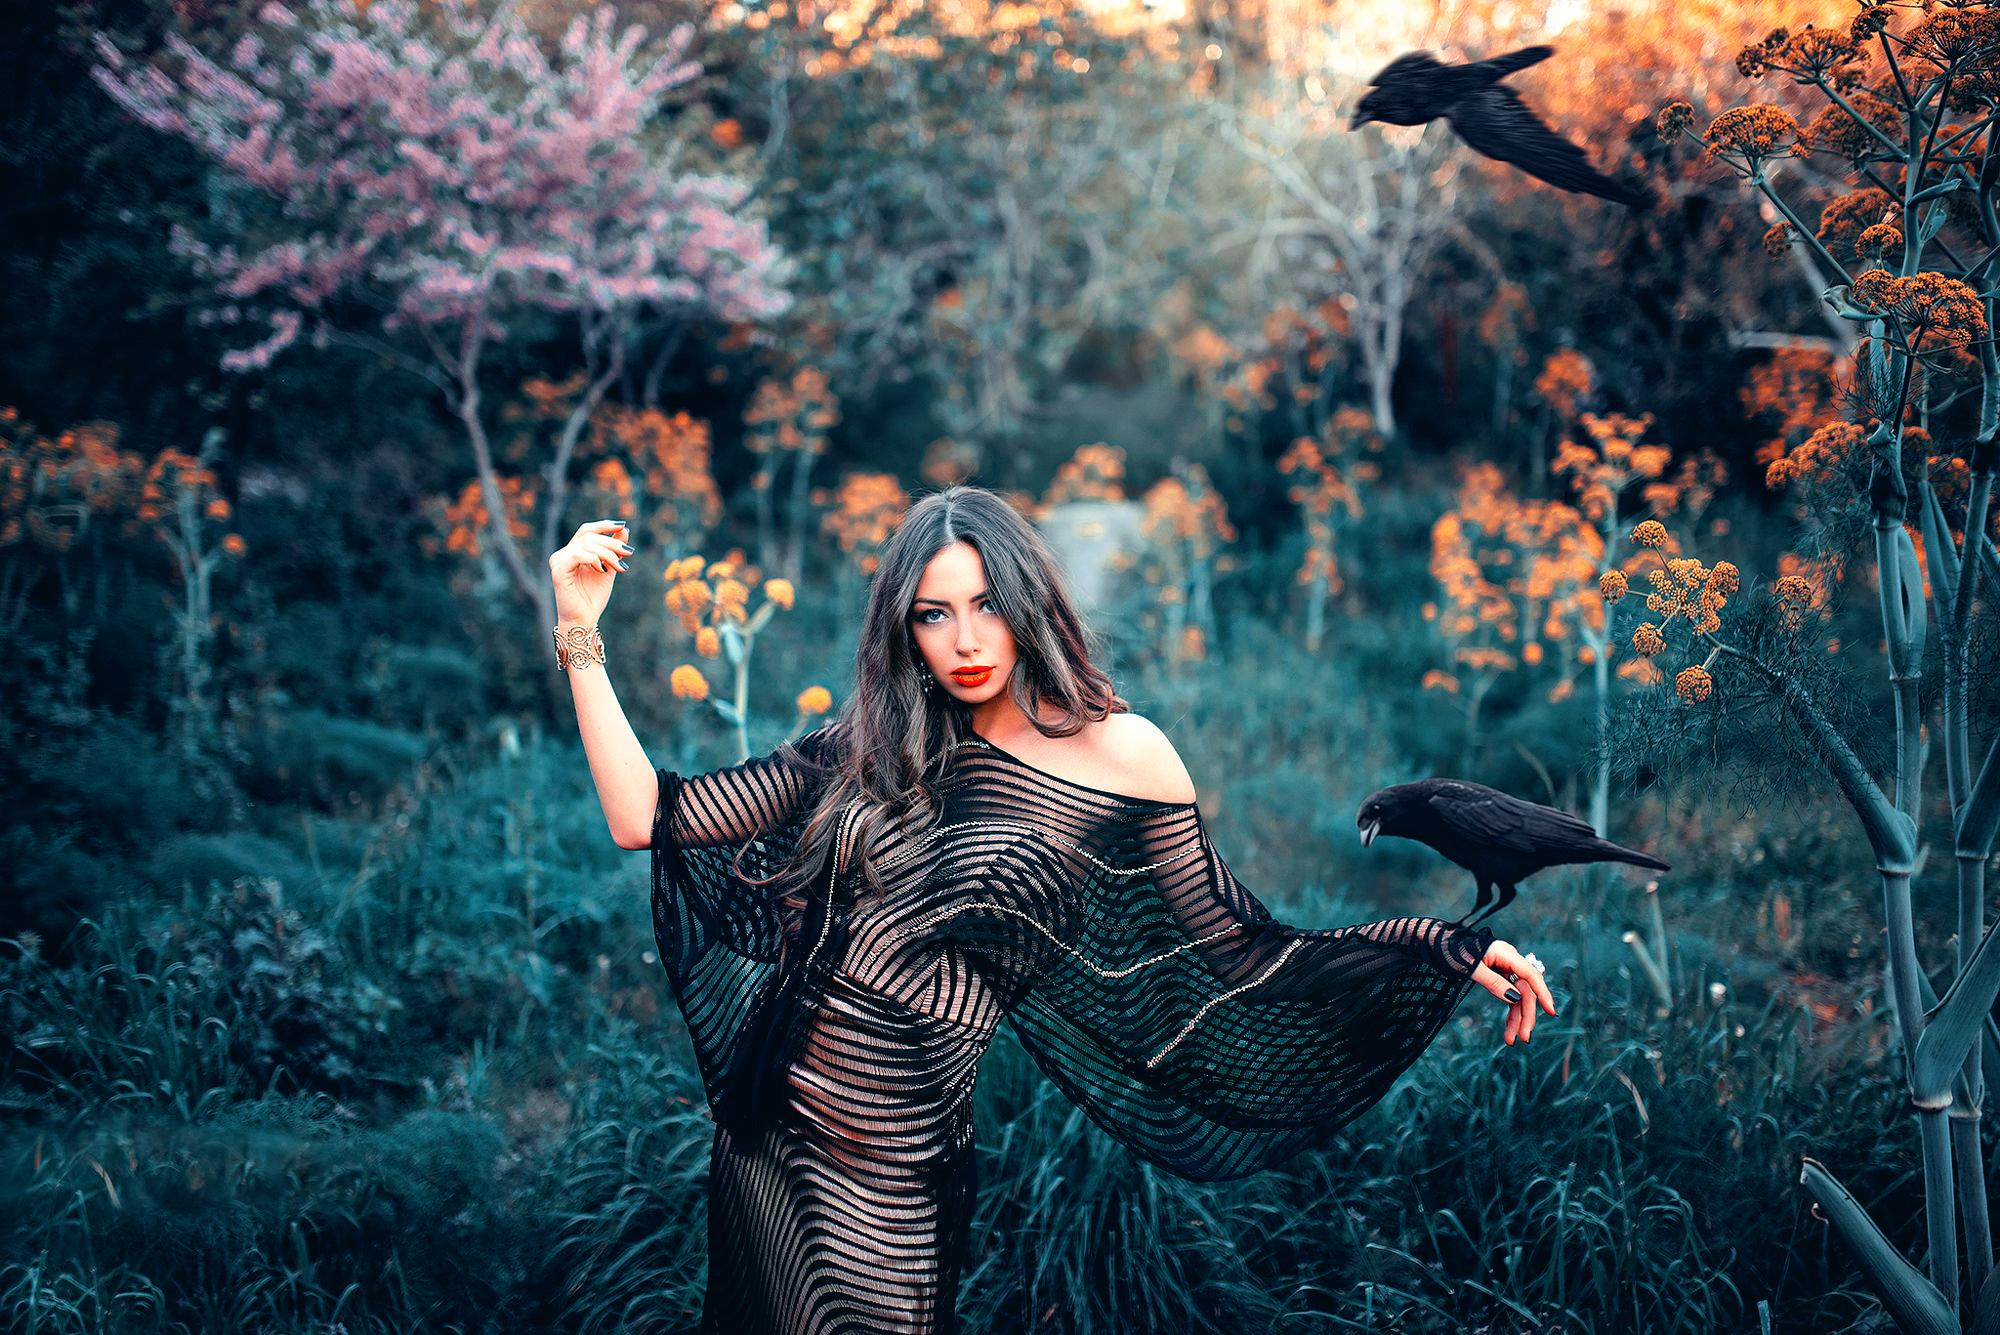 стоит чёрной птица счастья идеи для фотосессии также выгруженные товары